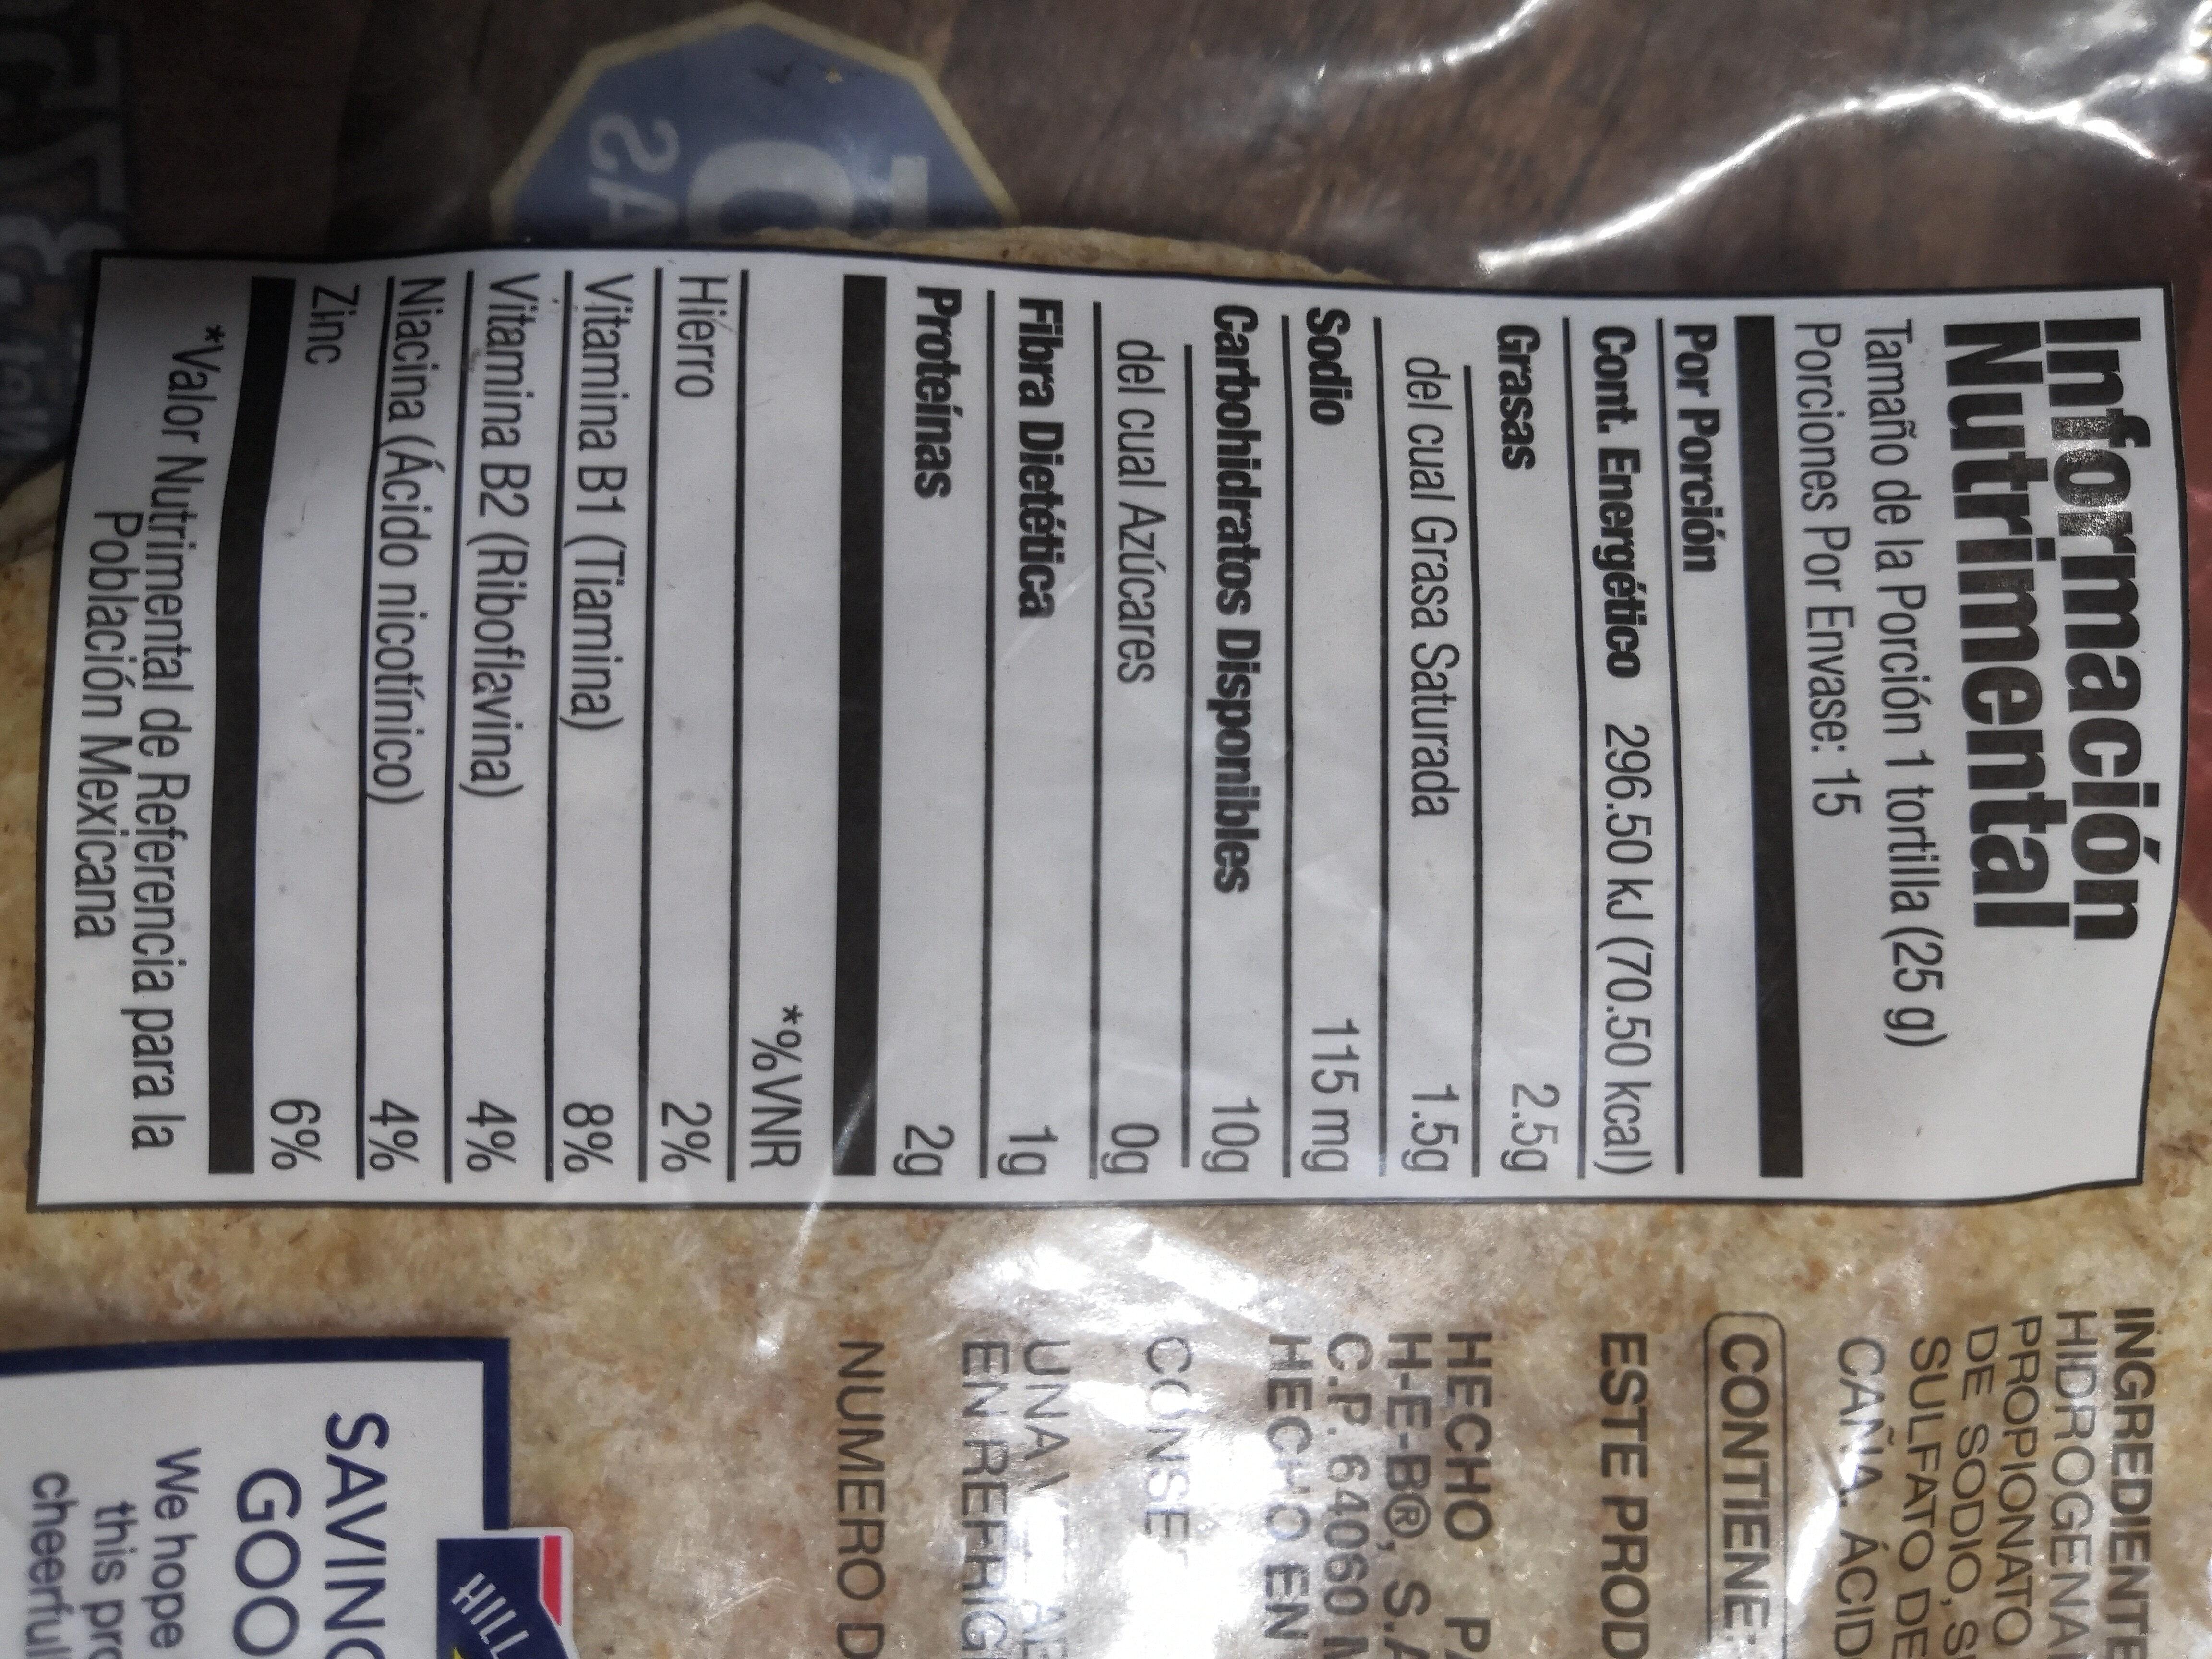 tortilla de harina con salvado - Ingredientes - es